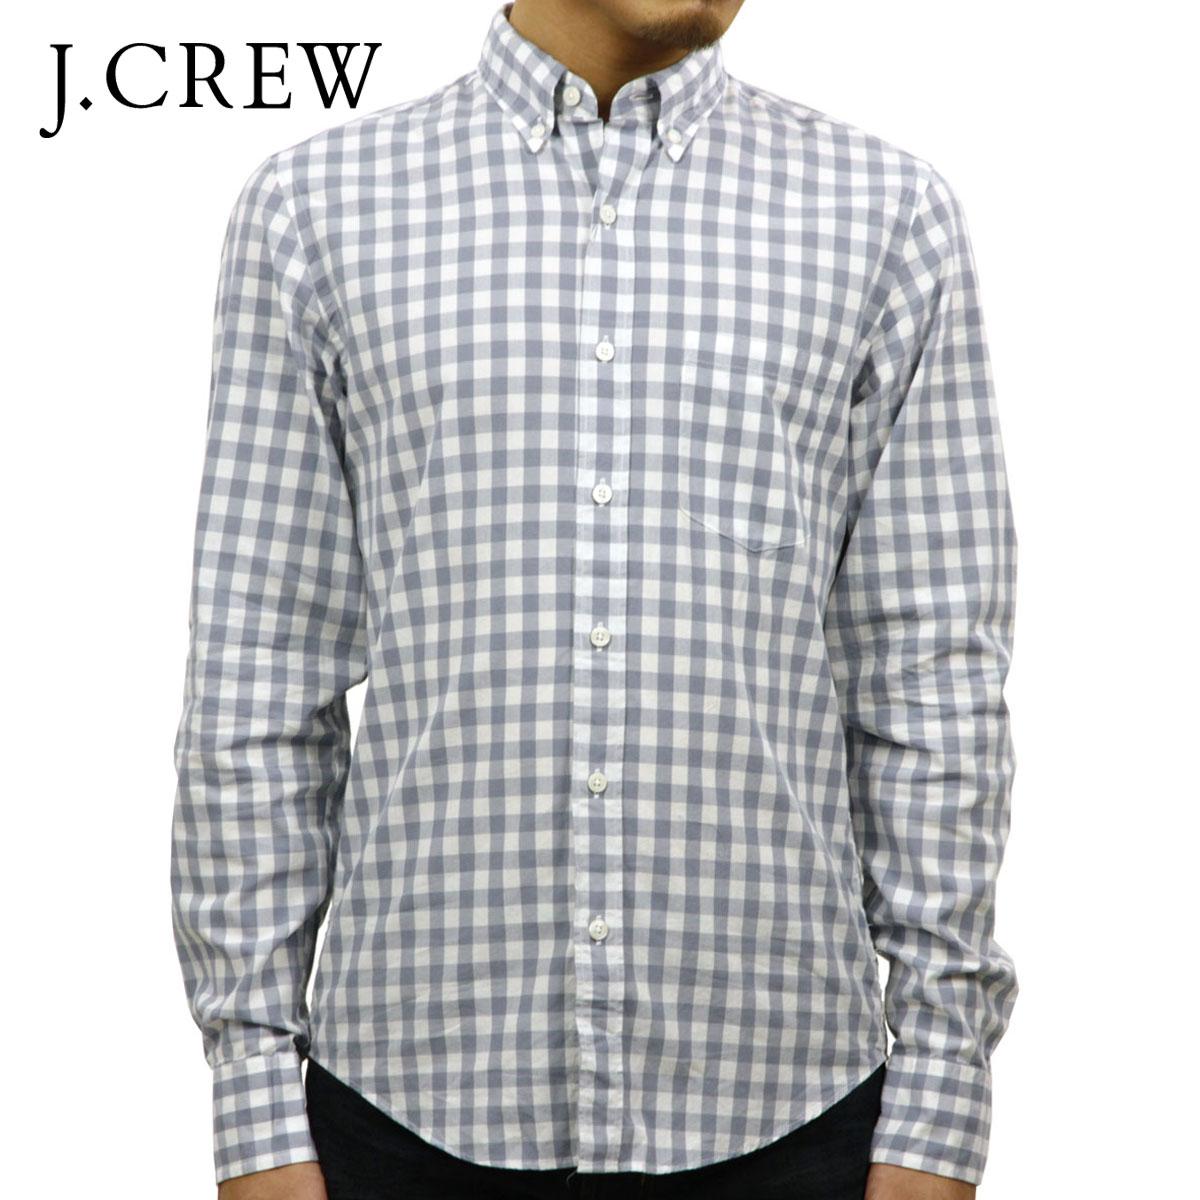 ジェイクルー J.CREW 正規品 メンズ 長袖シャツ WASHED SHIRT 49208 D00S20